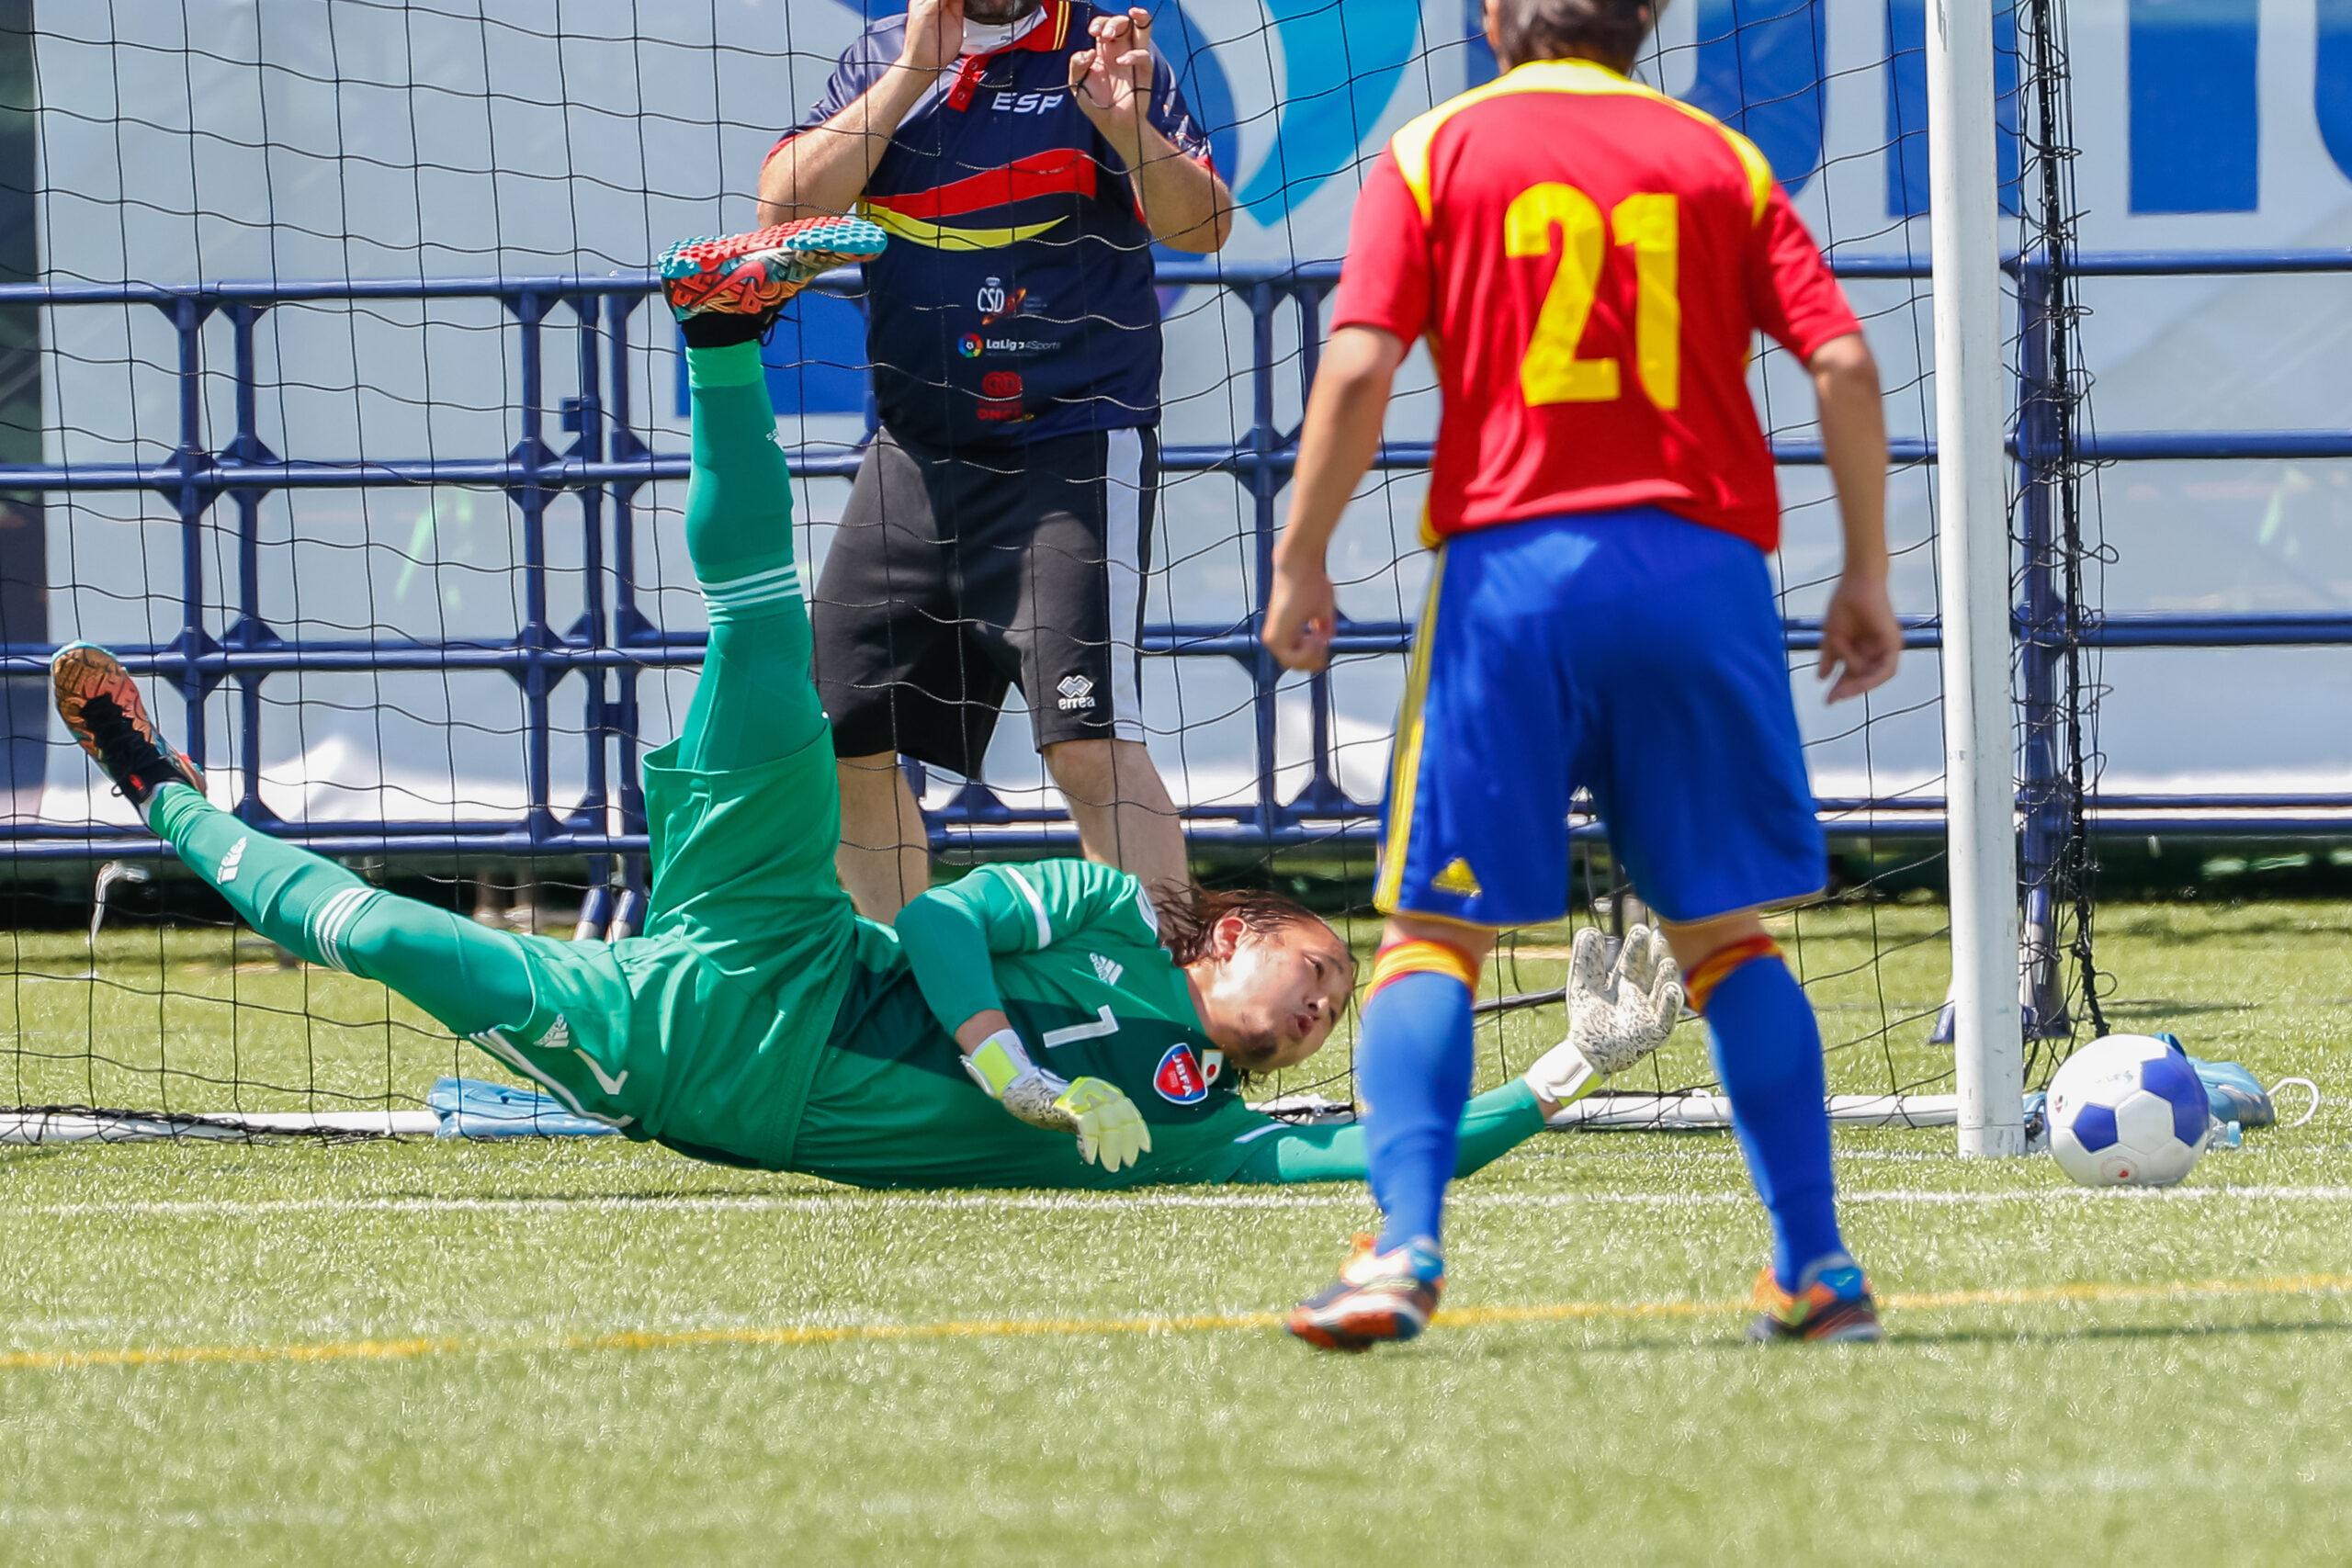 GK佐藤大介は後方から的確なコーチング、攻撃の起点にもなった。